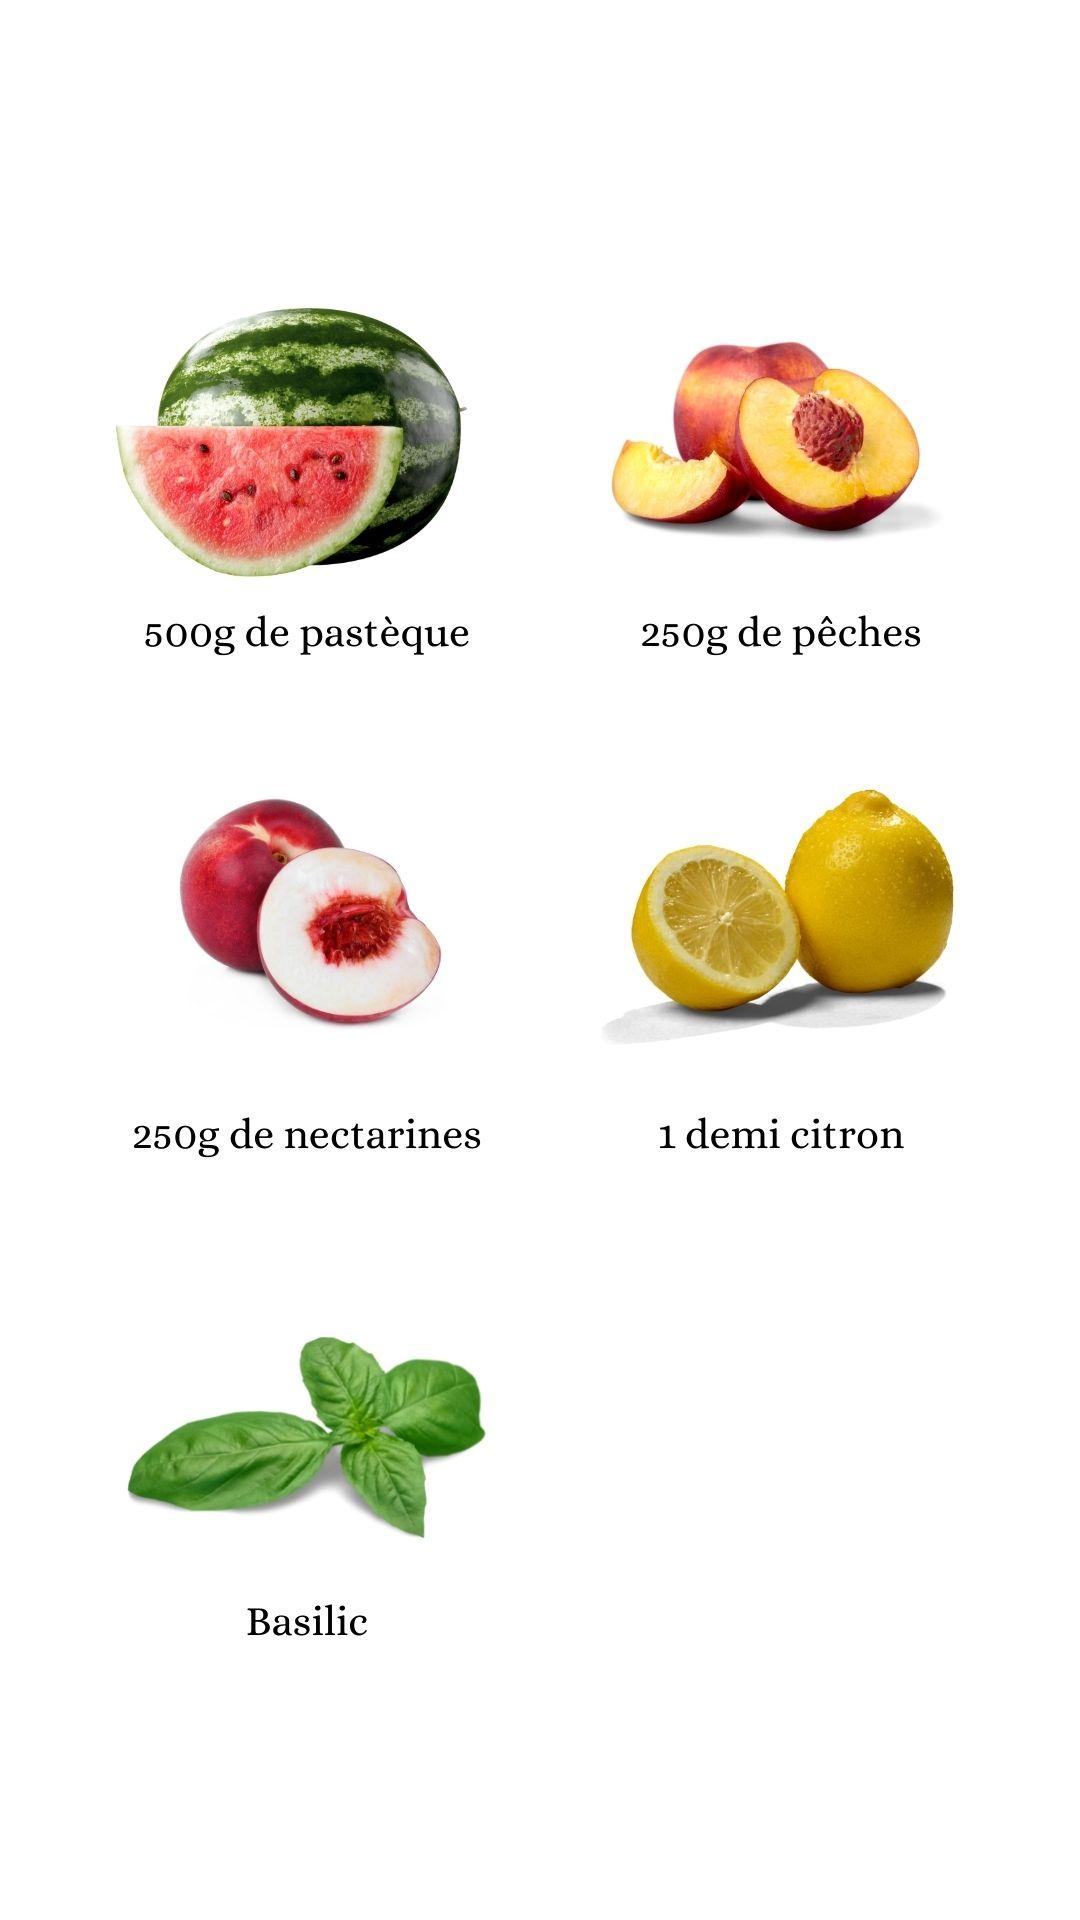 Constituants pour réaliser le jus de pastèque, pêche, nectarine, citron, basilic